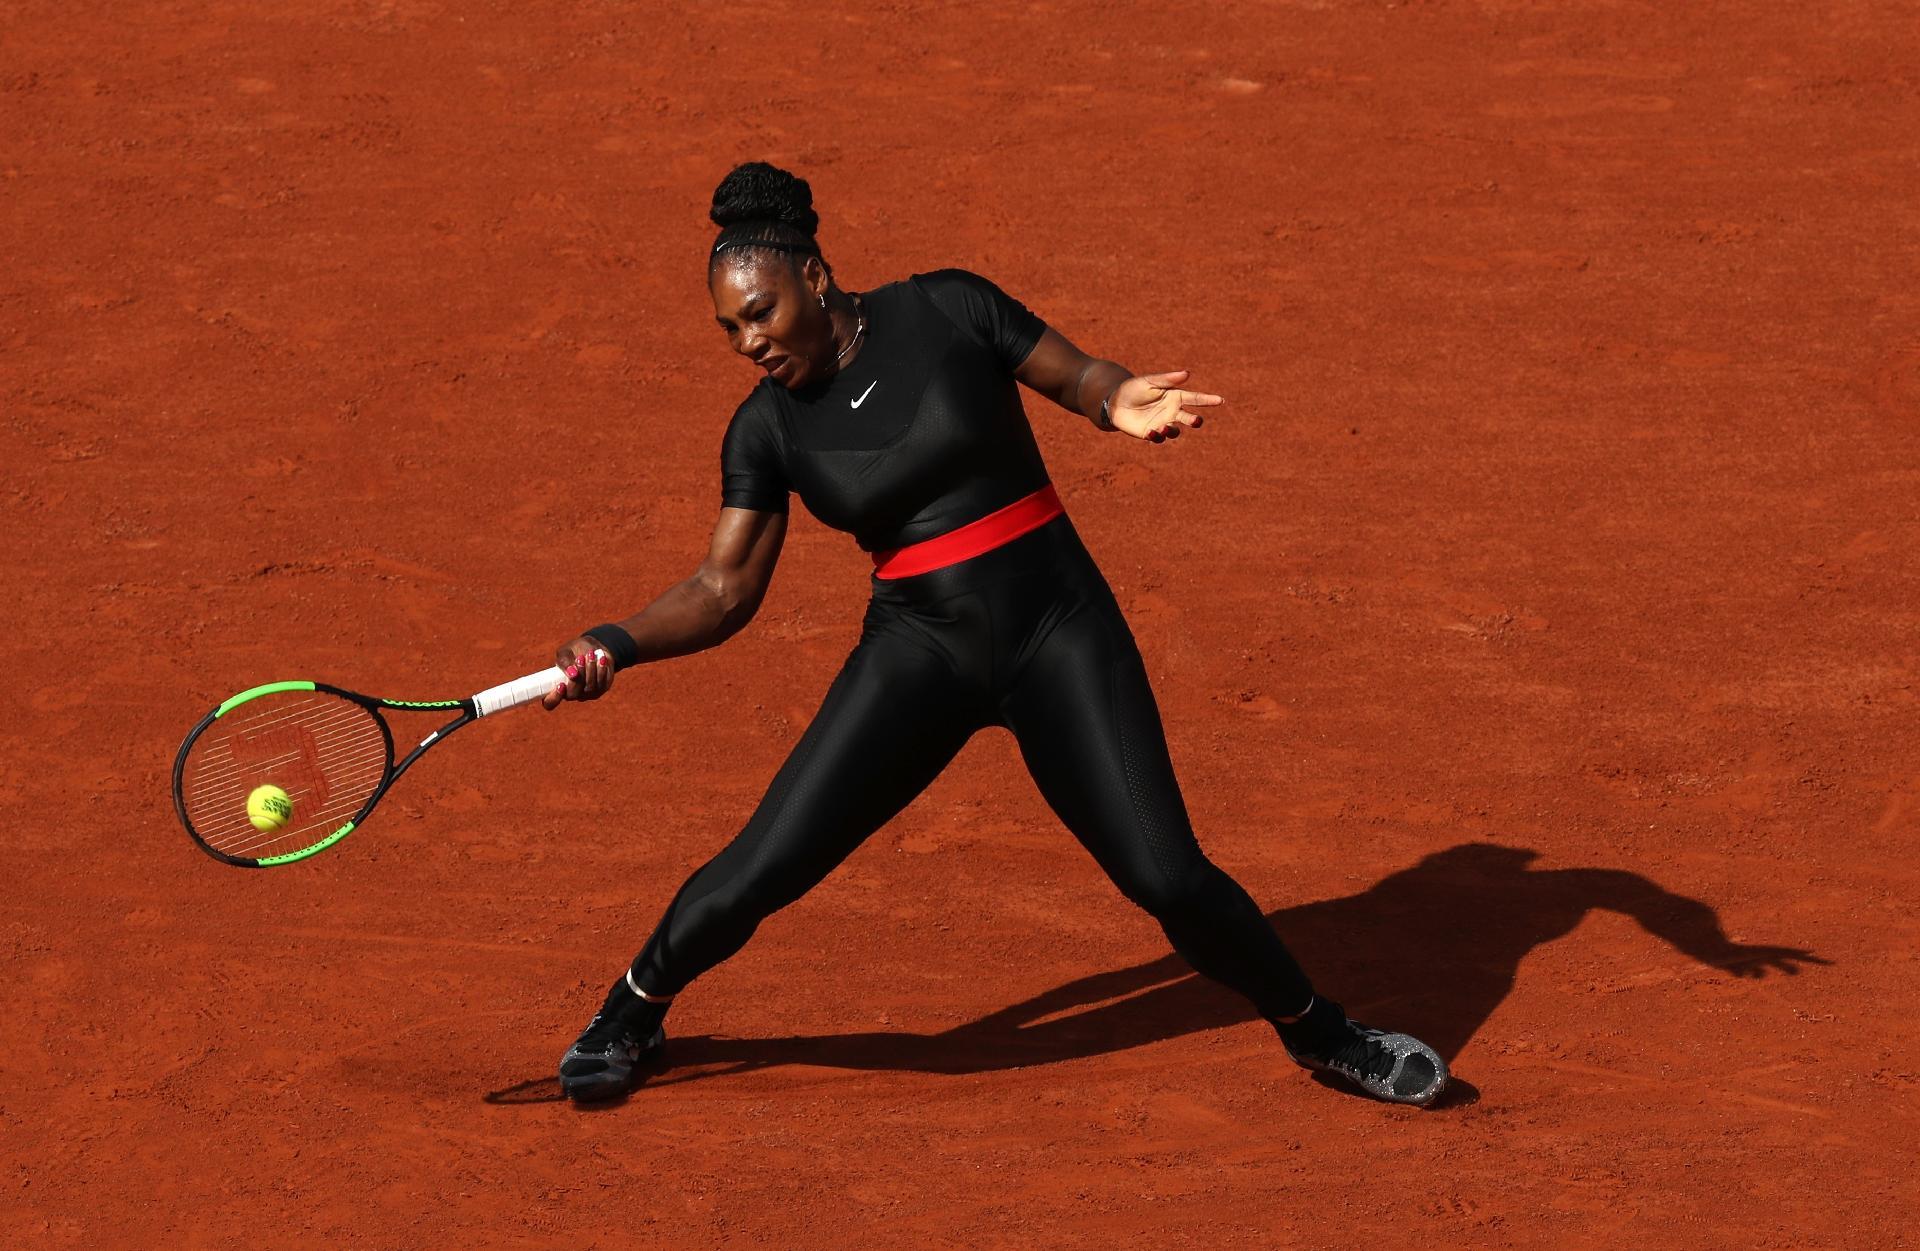 7a986bc84 Nike alfineta cartola de Roland Garros após proibição de roupa de Serena -  25/08/2018 - UOL Esporte